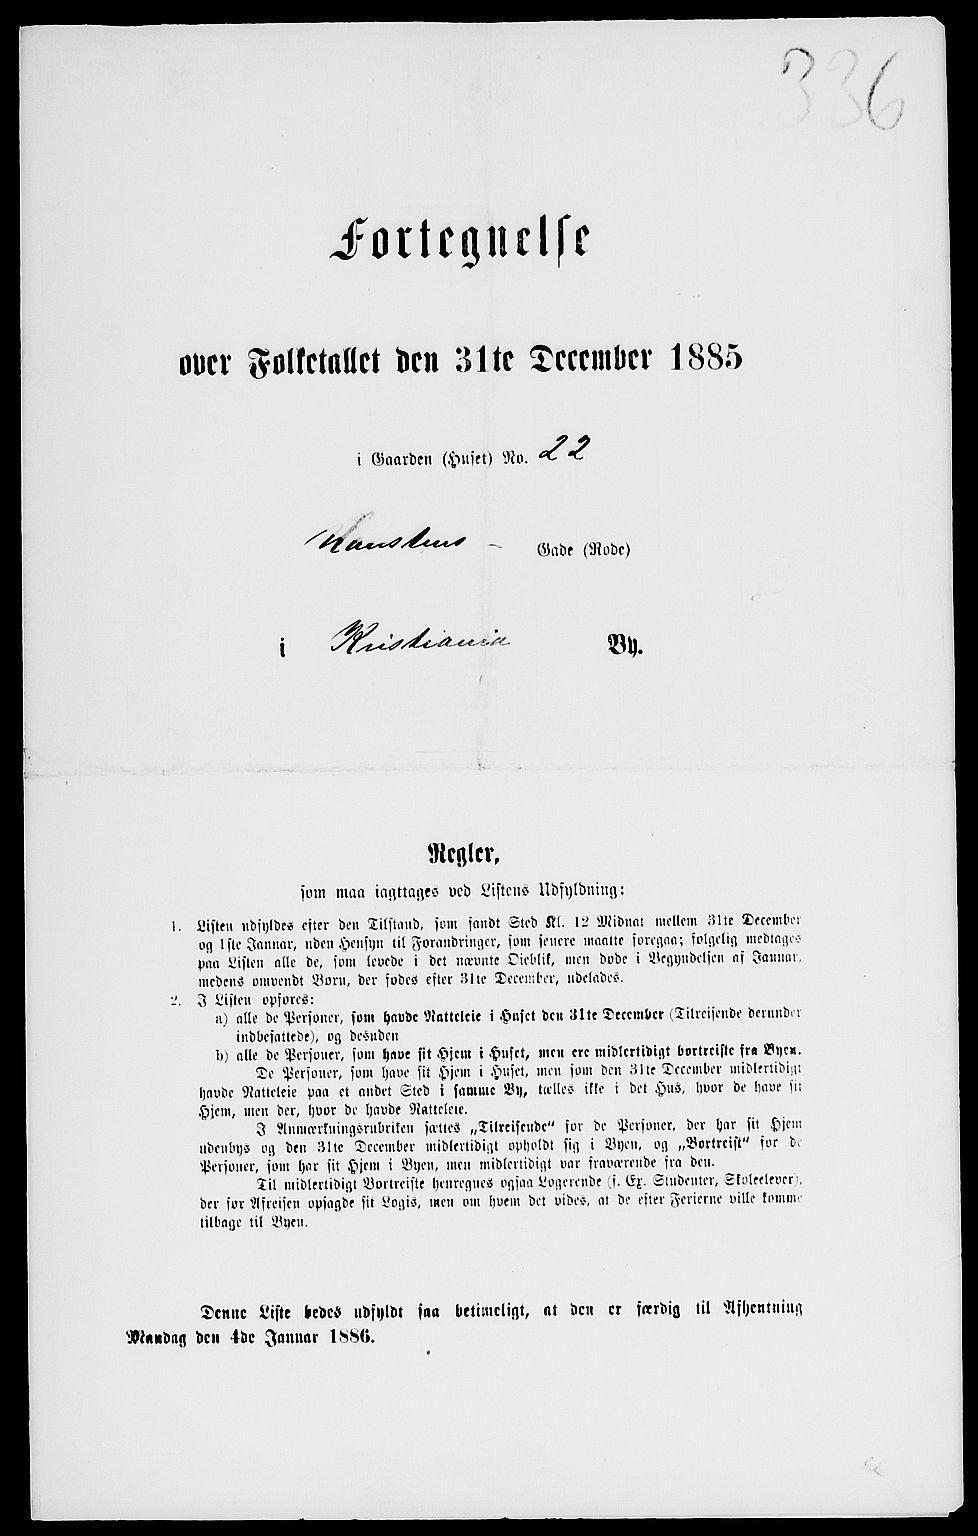 RA, Folketelling 1885 for 0301 Kristiania kjøpstad, 1885, s. 3193